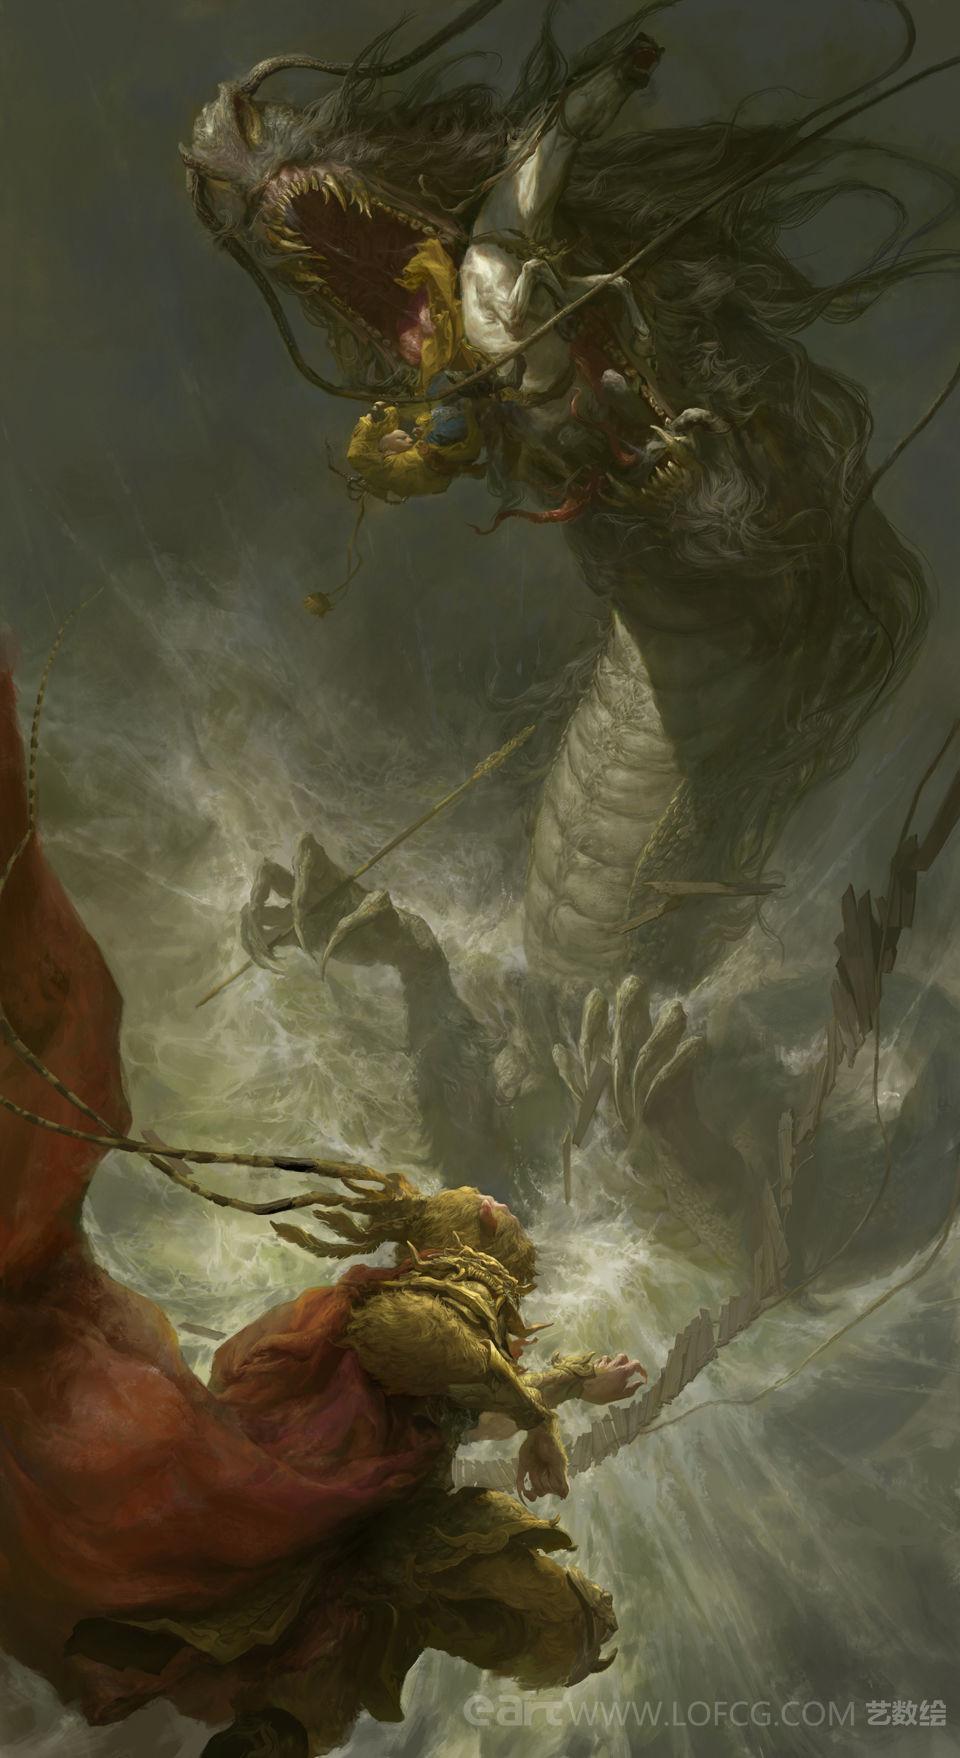 Fenghua zhong the war of snake